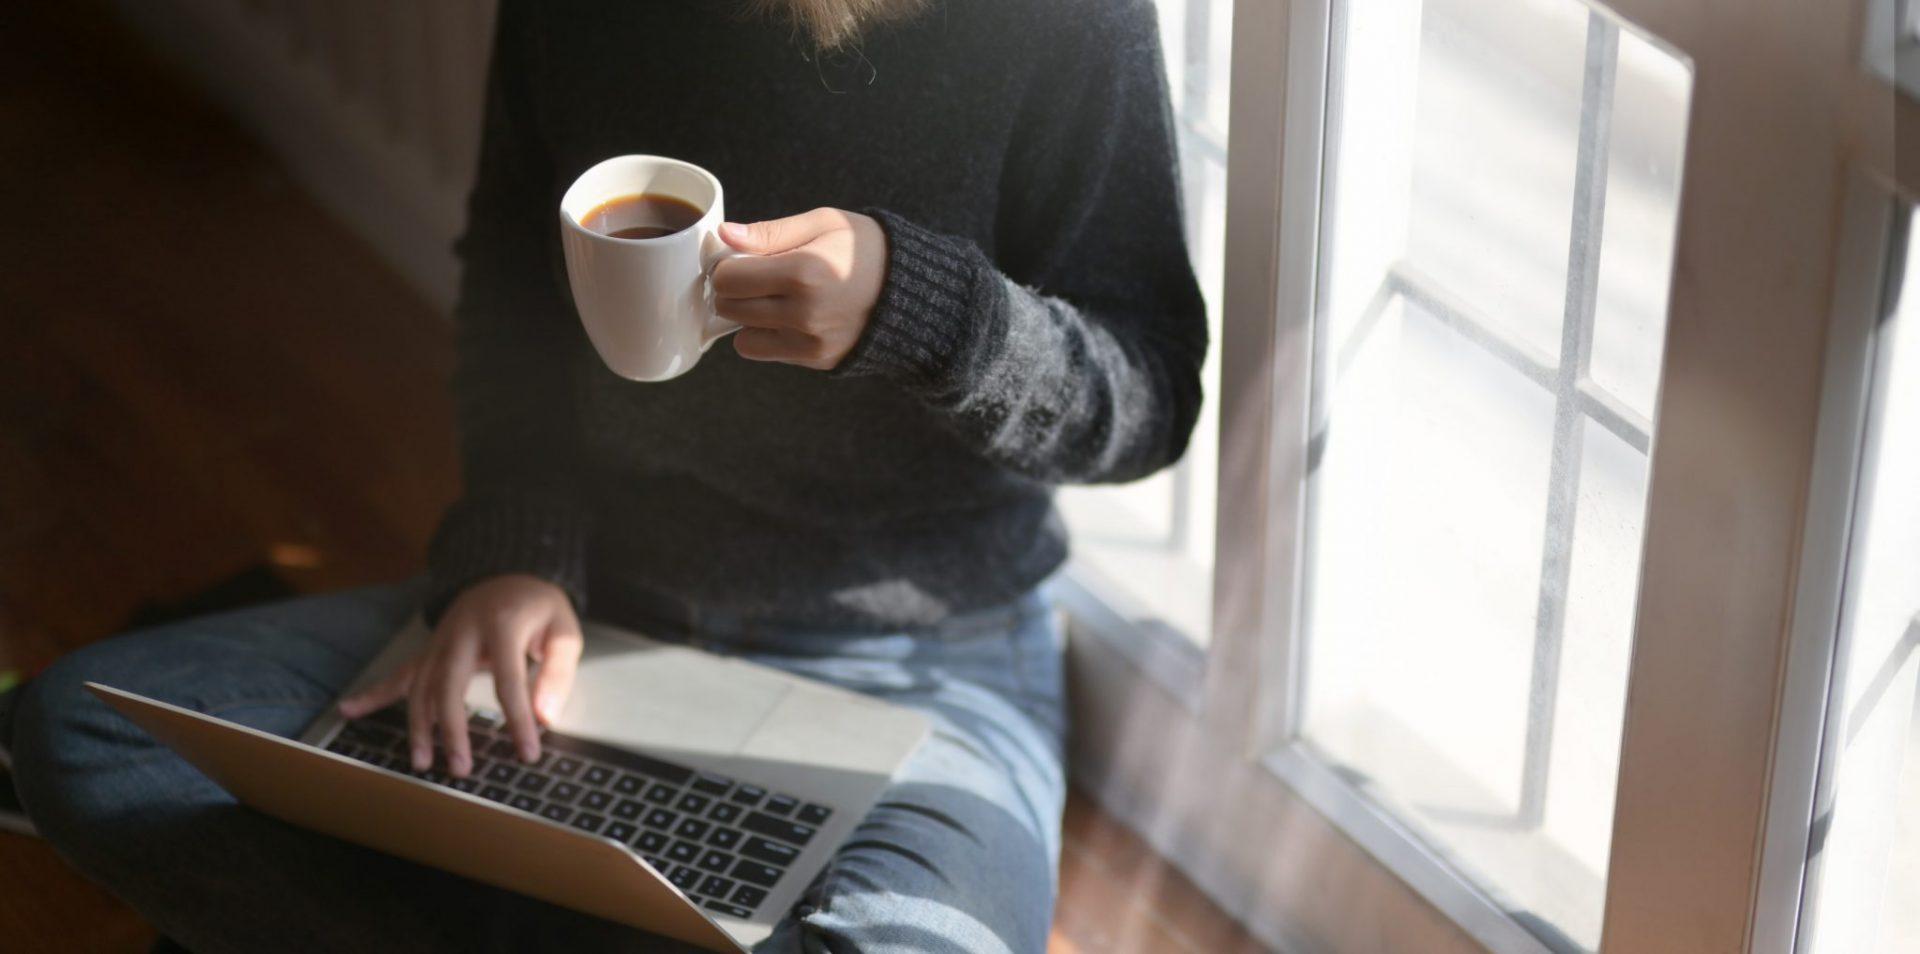 womanusinglaptopwhileholdingacupofcoffee3759083 1 scaled - Por que devo ser contratado? Dicas para se tornar mais atraente para as empresas